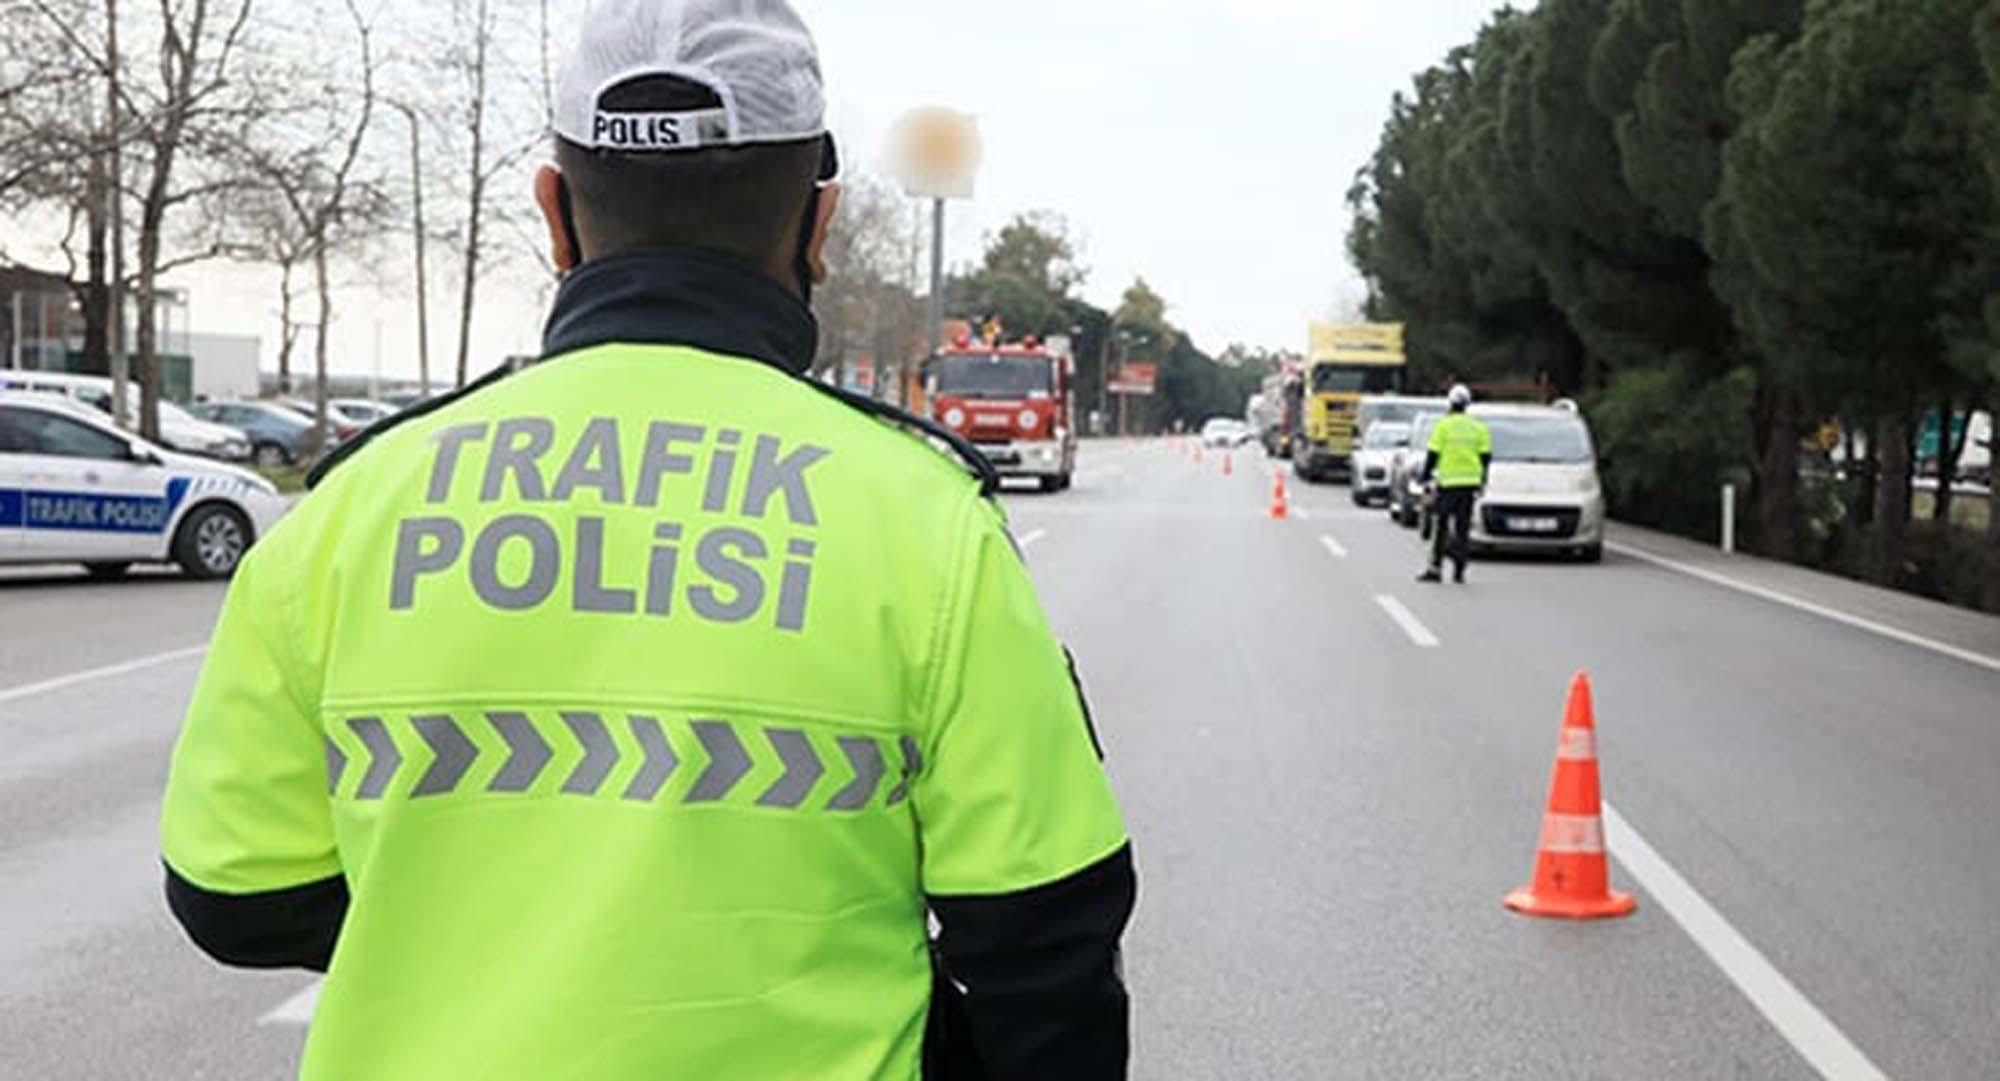 25 Eylül Cumartesi İstanbul'da neden yollar kapalı? | 25 Eylül İstanbul alternatif yollar